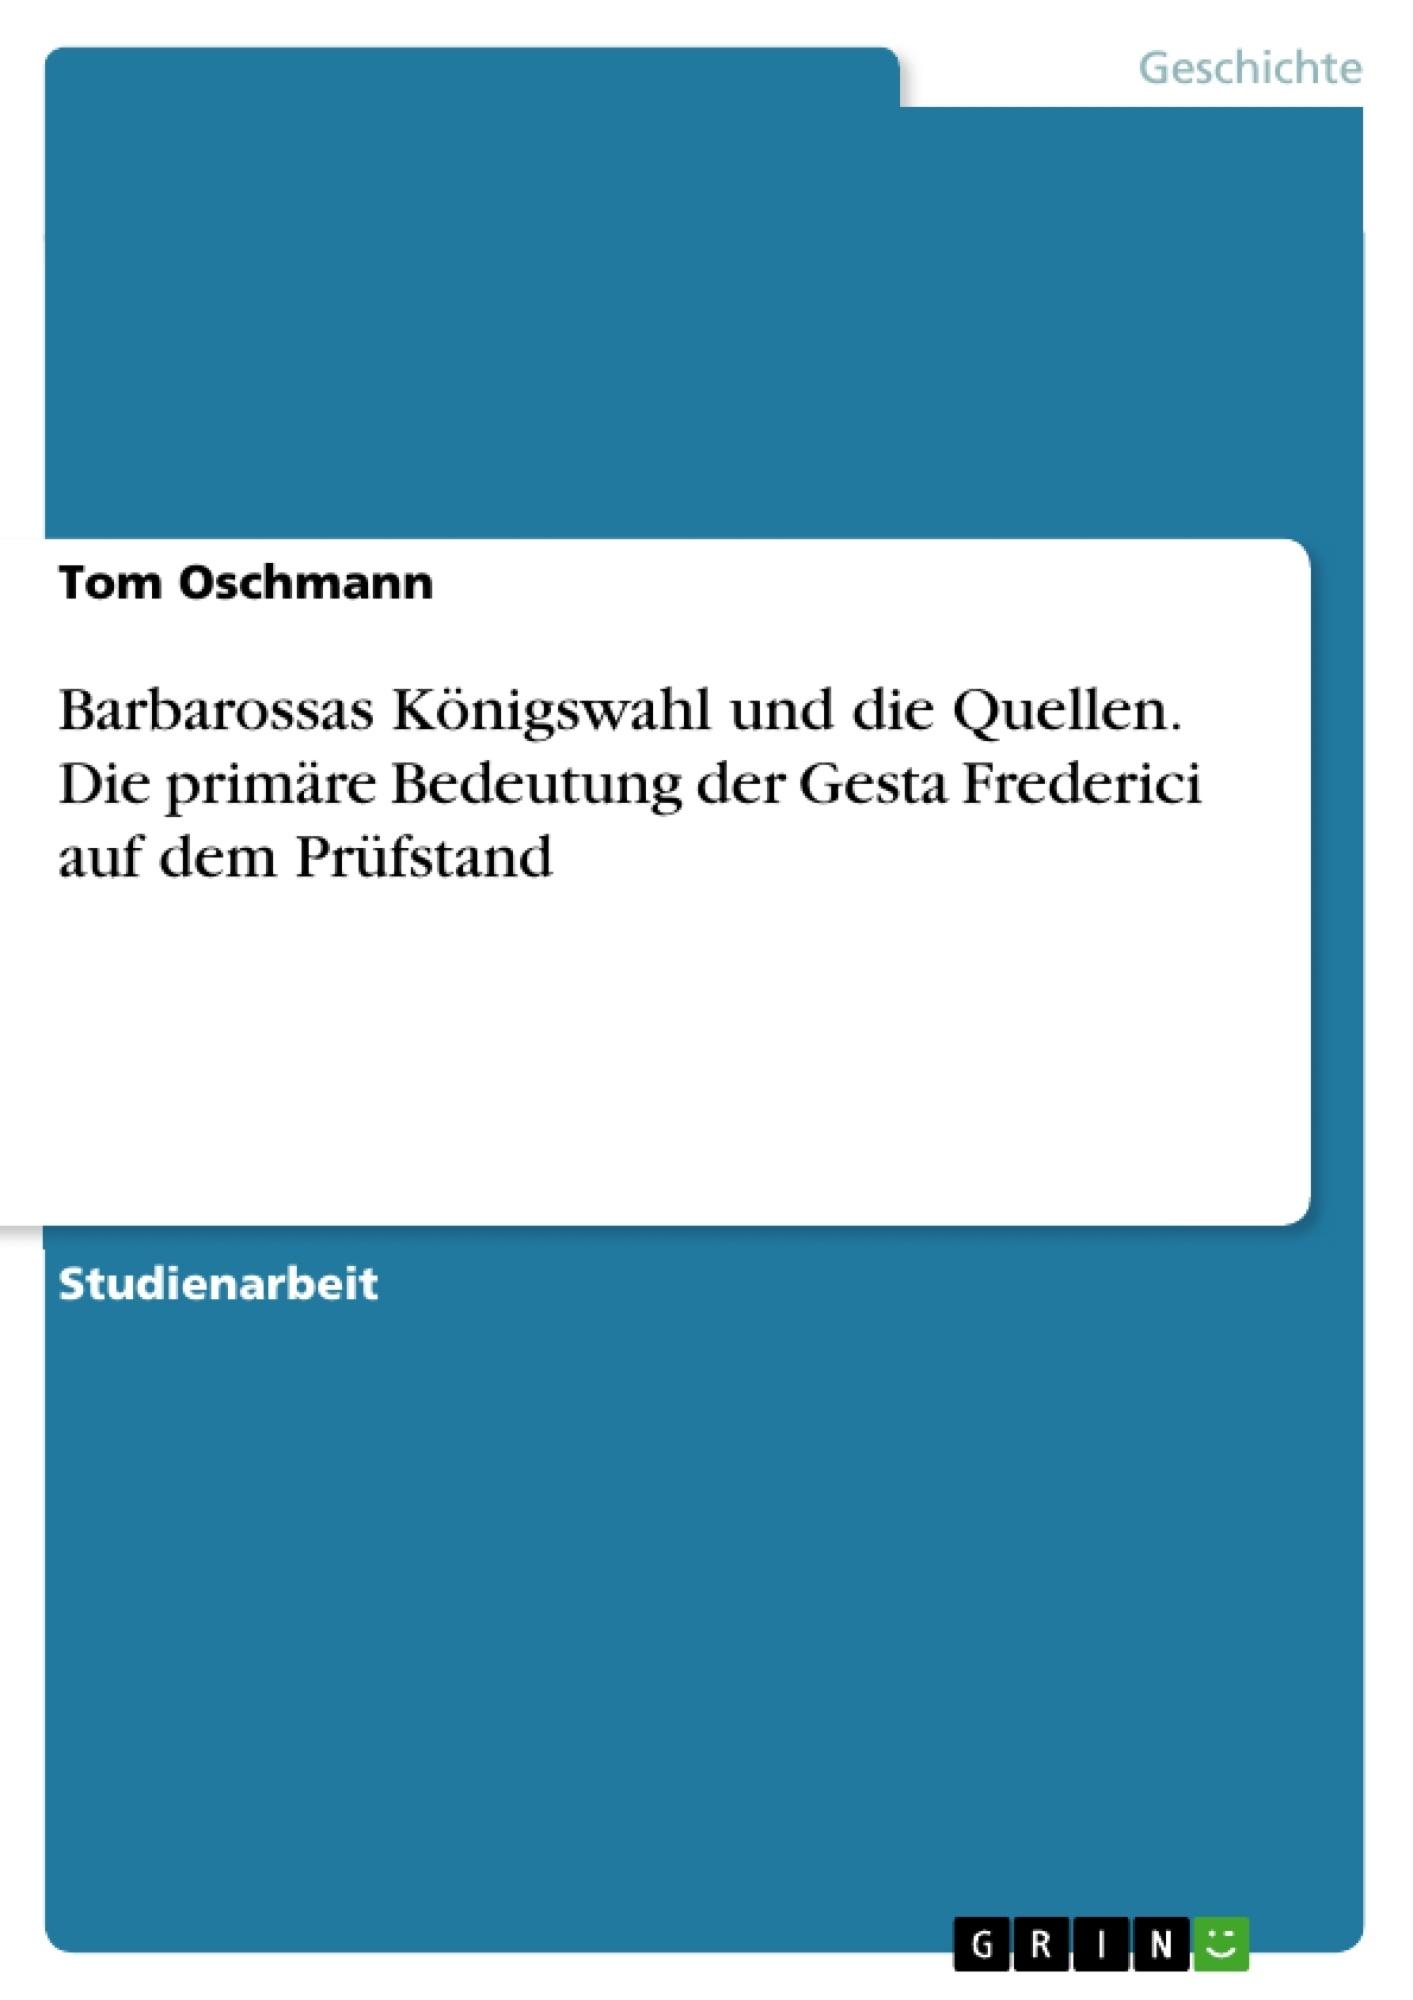 Titel: Barbarossas Königswahl und die Quellen. Die primäre Bedeutung der Gesta Frederici auf dem Prüfstand